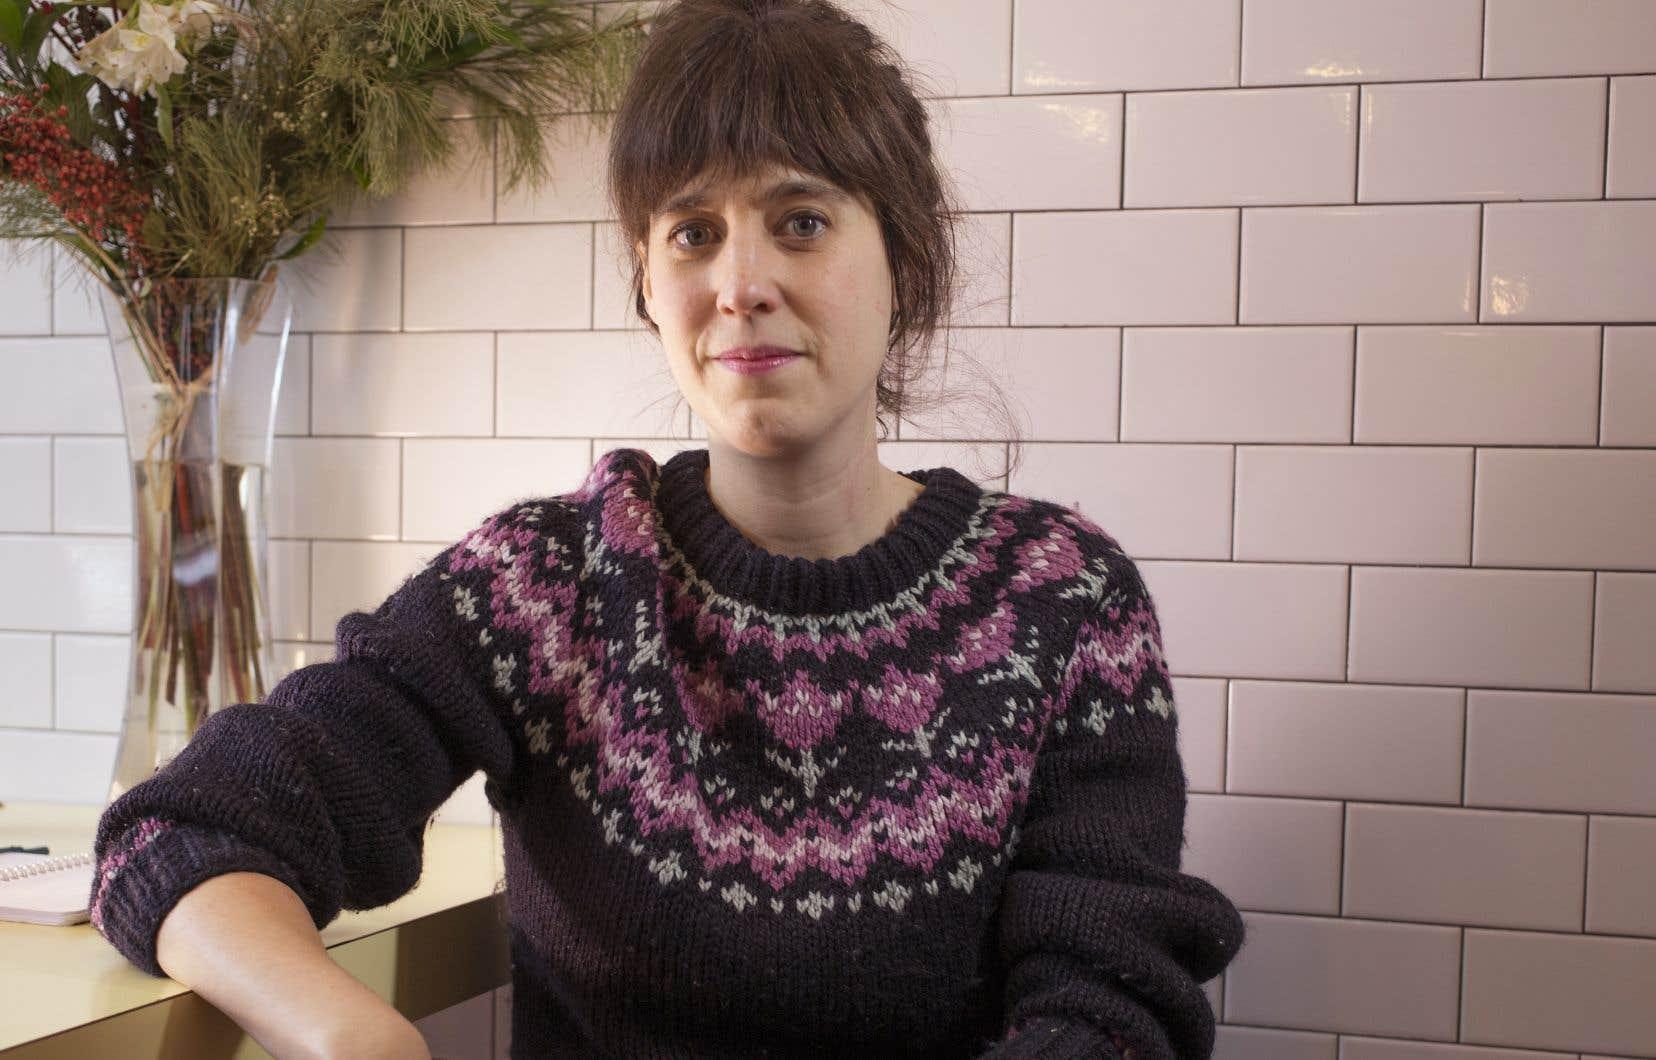 Travailleuse autonome, la dramaturge Sarah Berthiaumeentretient un rapport amour-haine avec le travail.